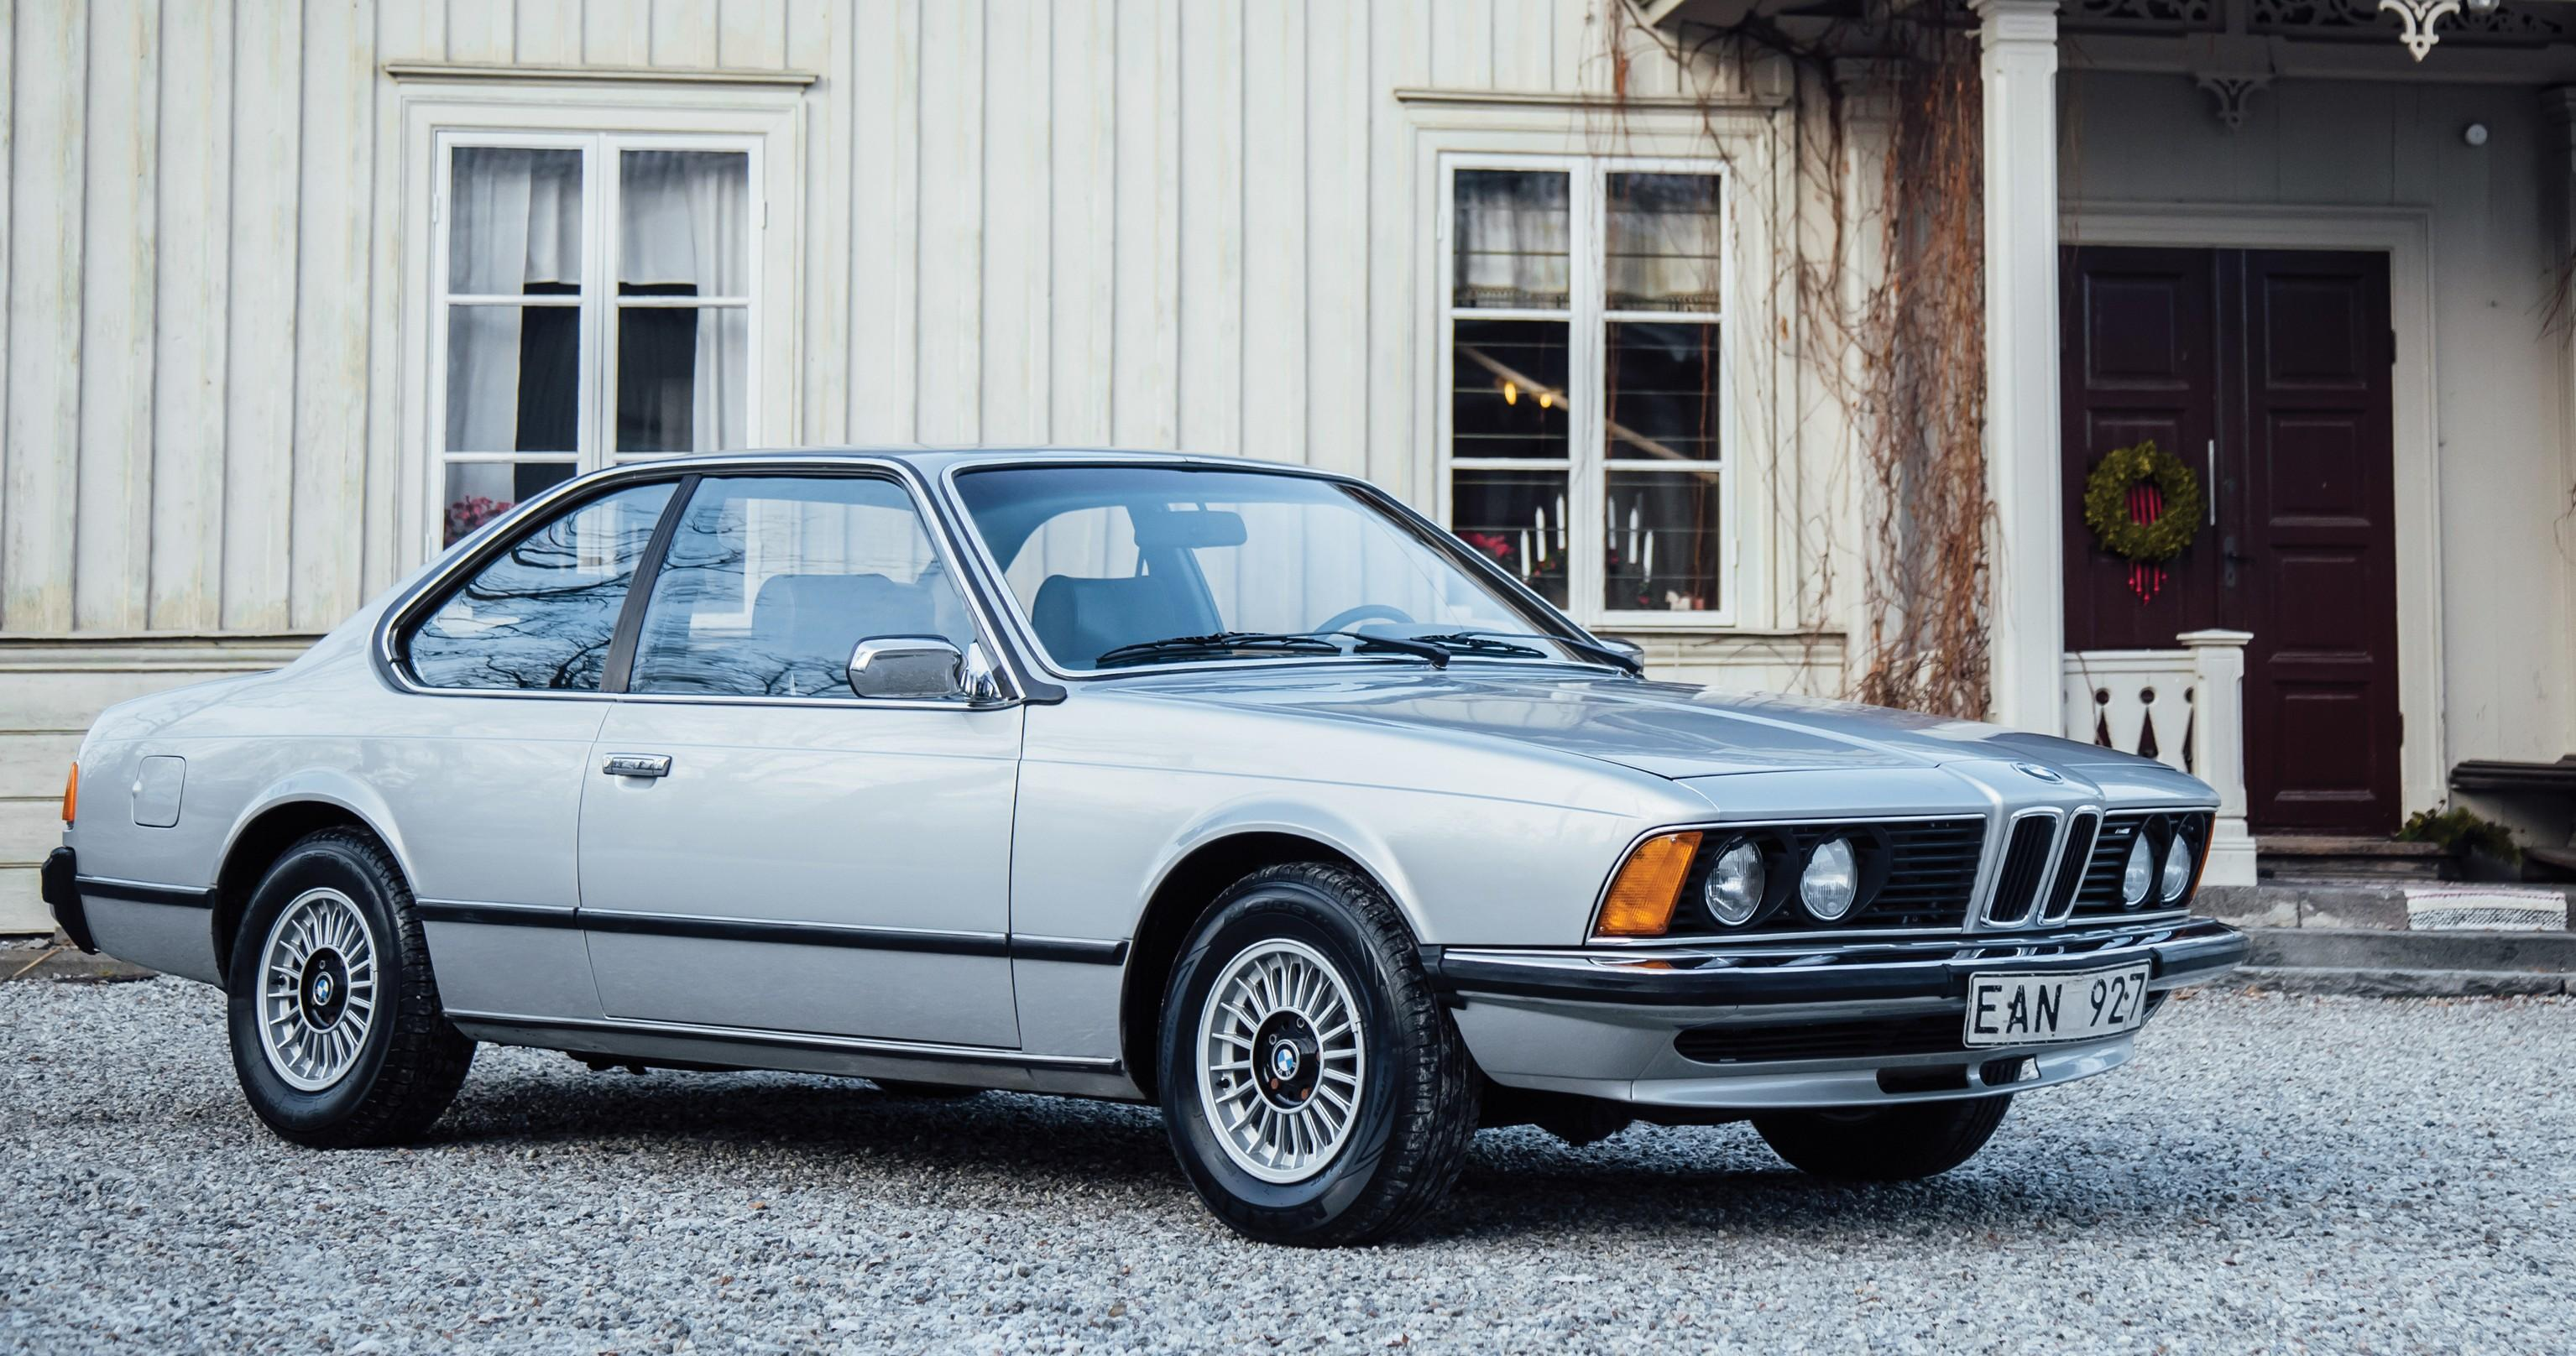 BMW 633 CSi von ABBA wird versteigert